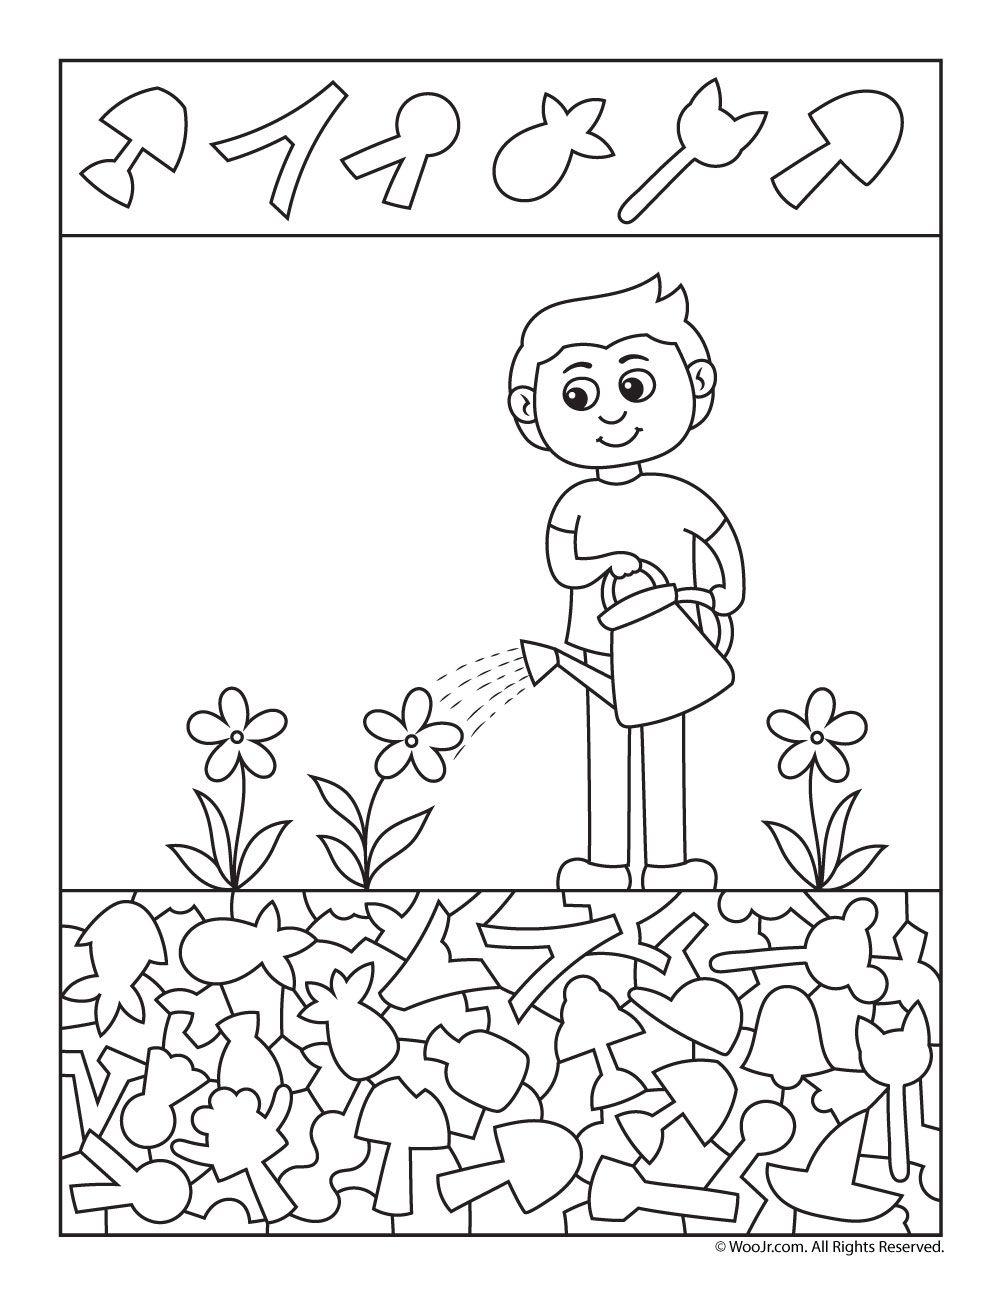 Watering The Garden I Spy Page Woo Jr Kids Activities Hidden Pictures Hidden Pictures Printables Activities For Kids [ 1296 x 1000 Pixel ]